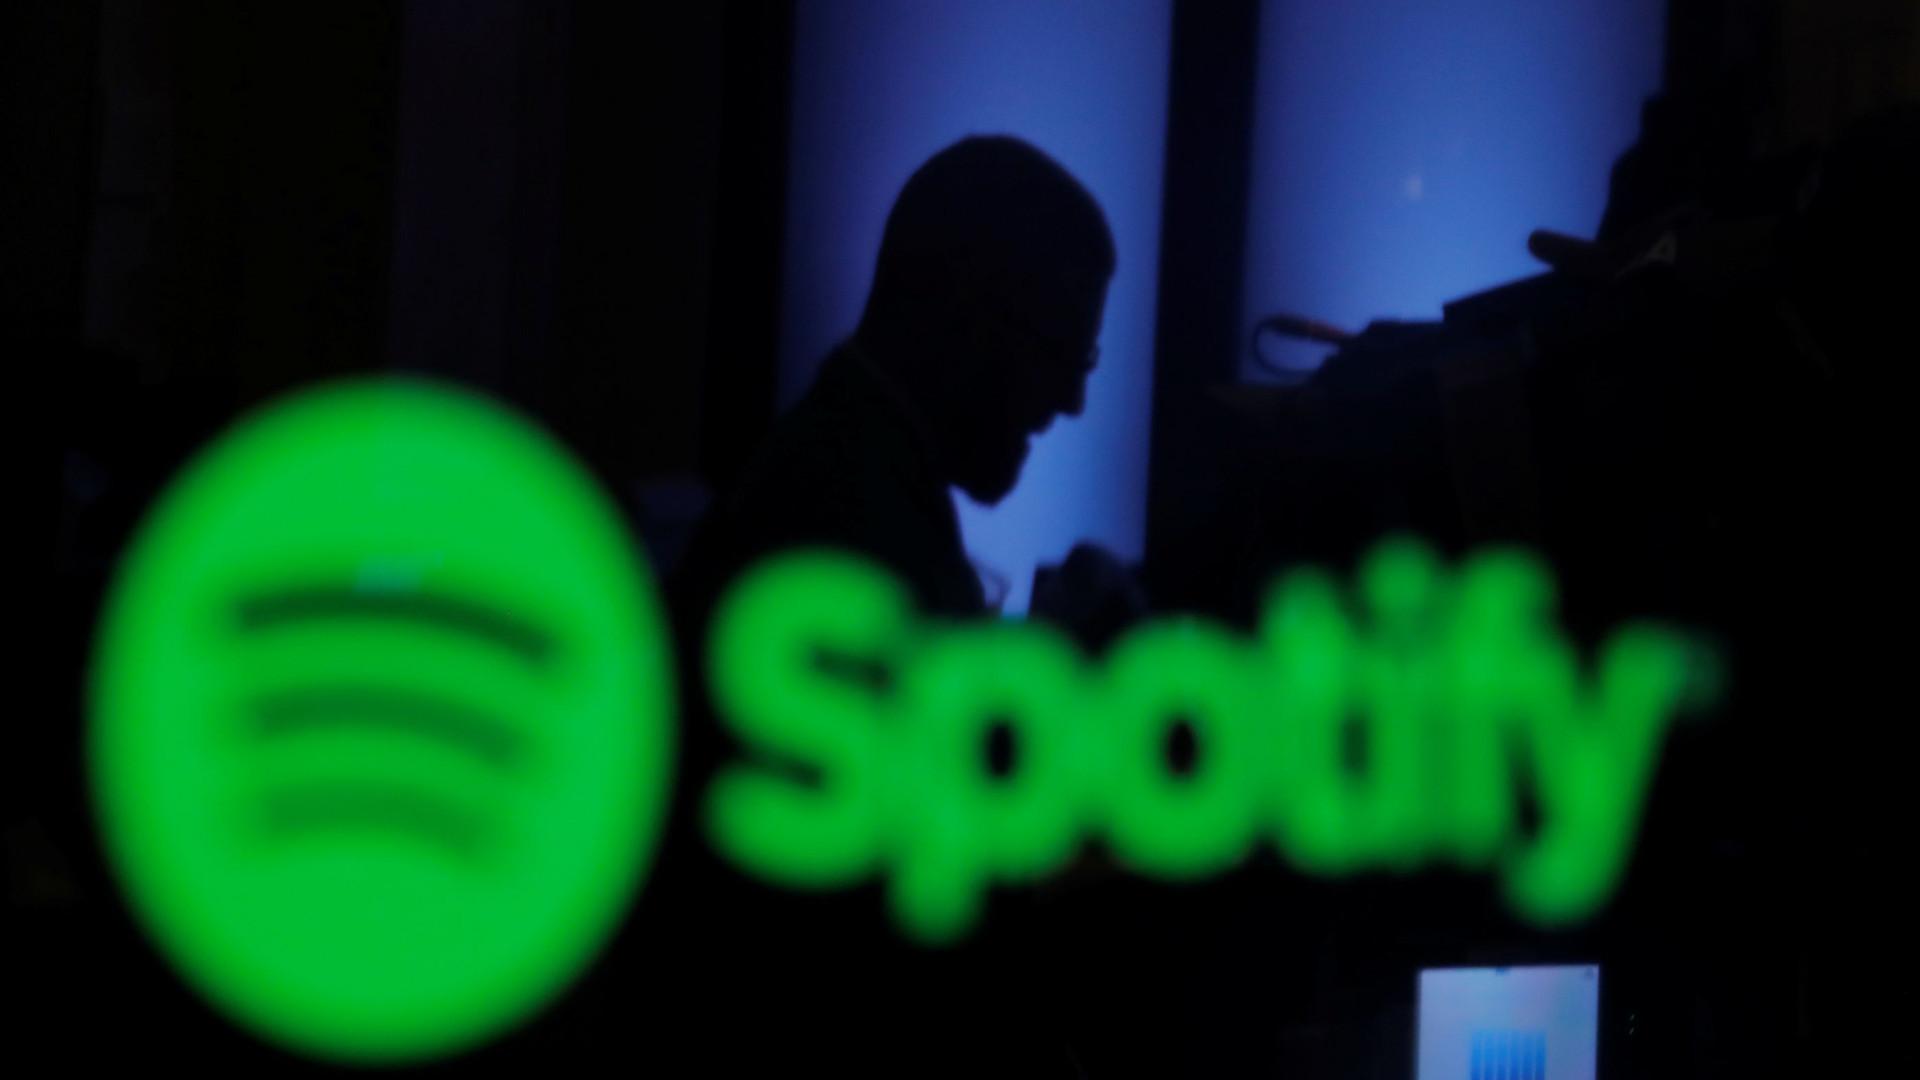 Spotify chega a 87 milhões de utilizadores que pagam para ouvir música